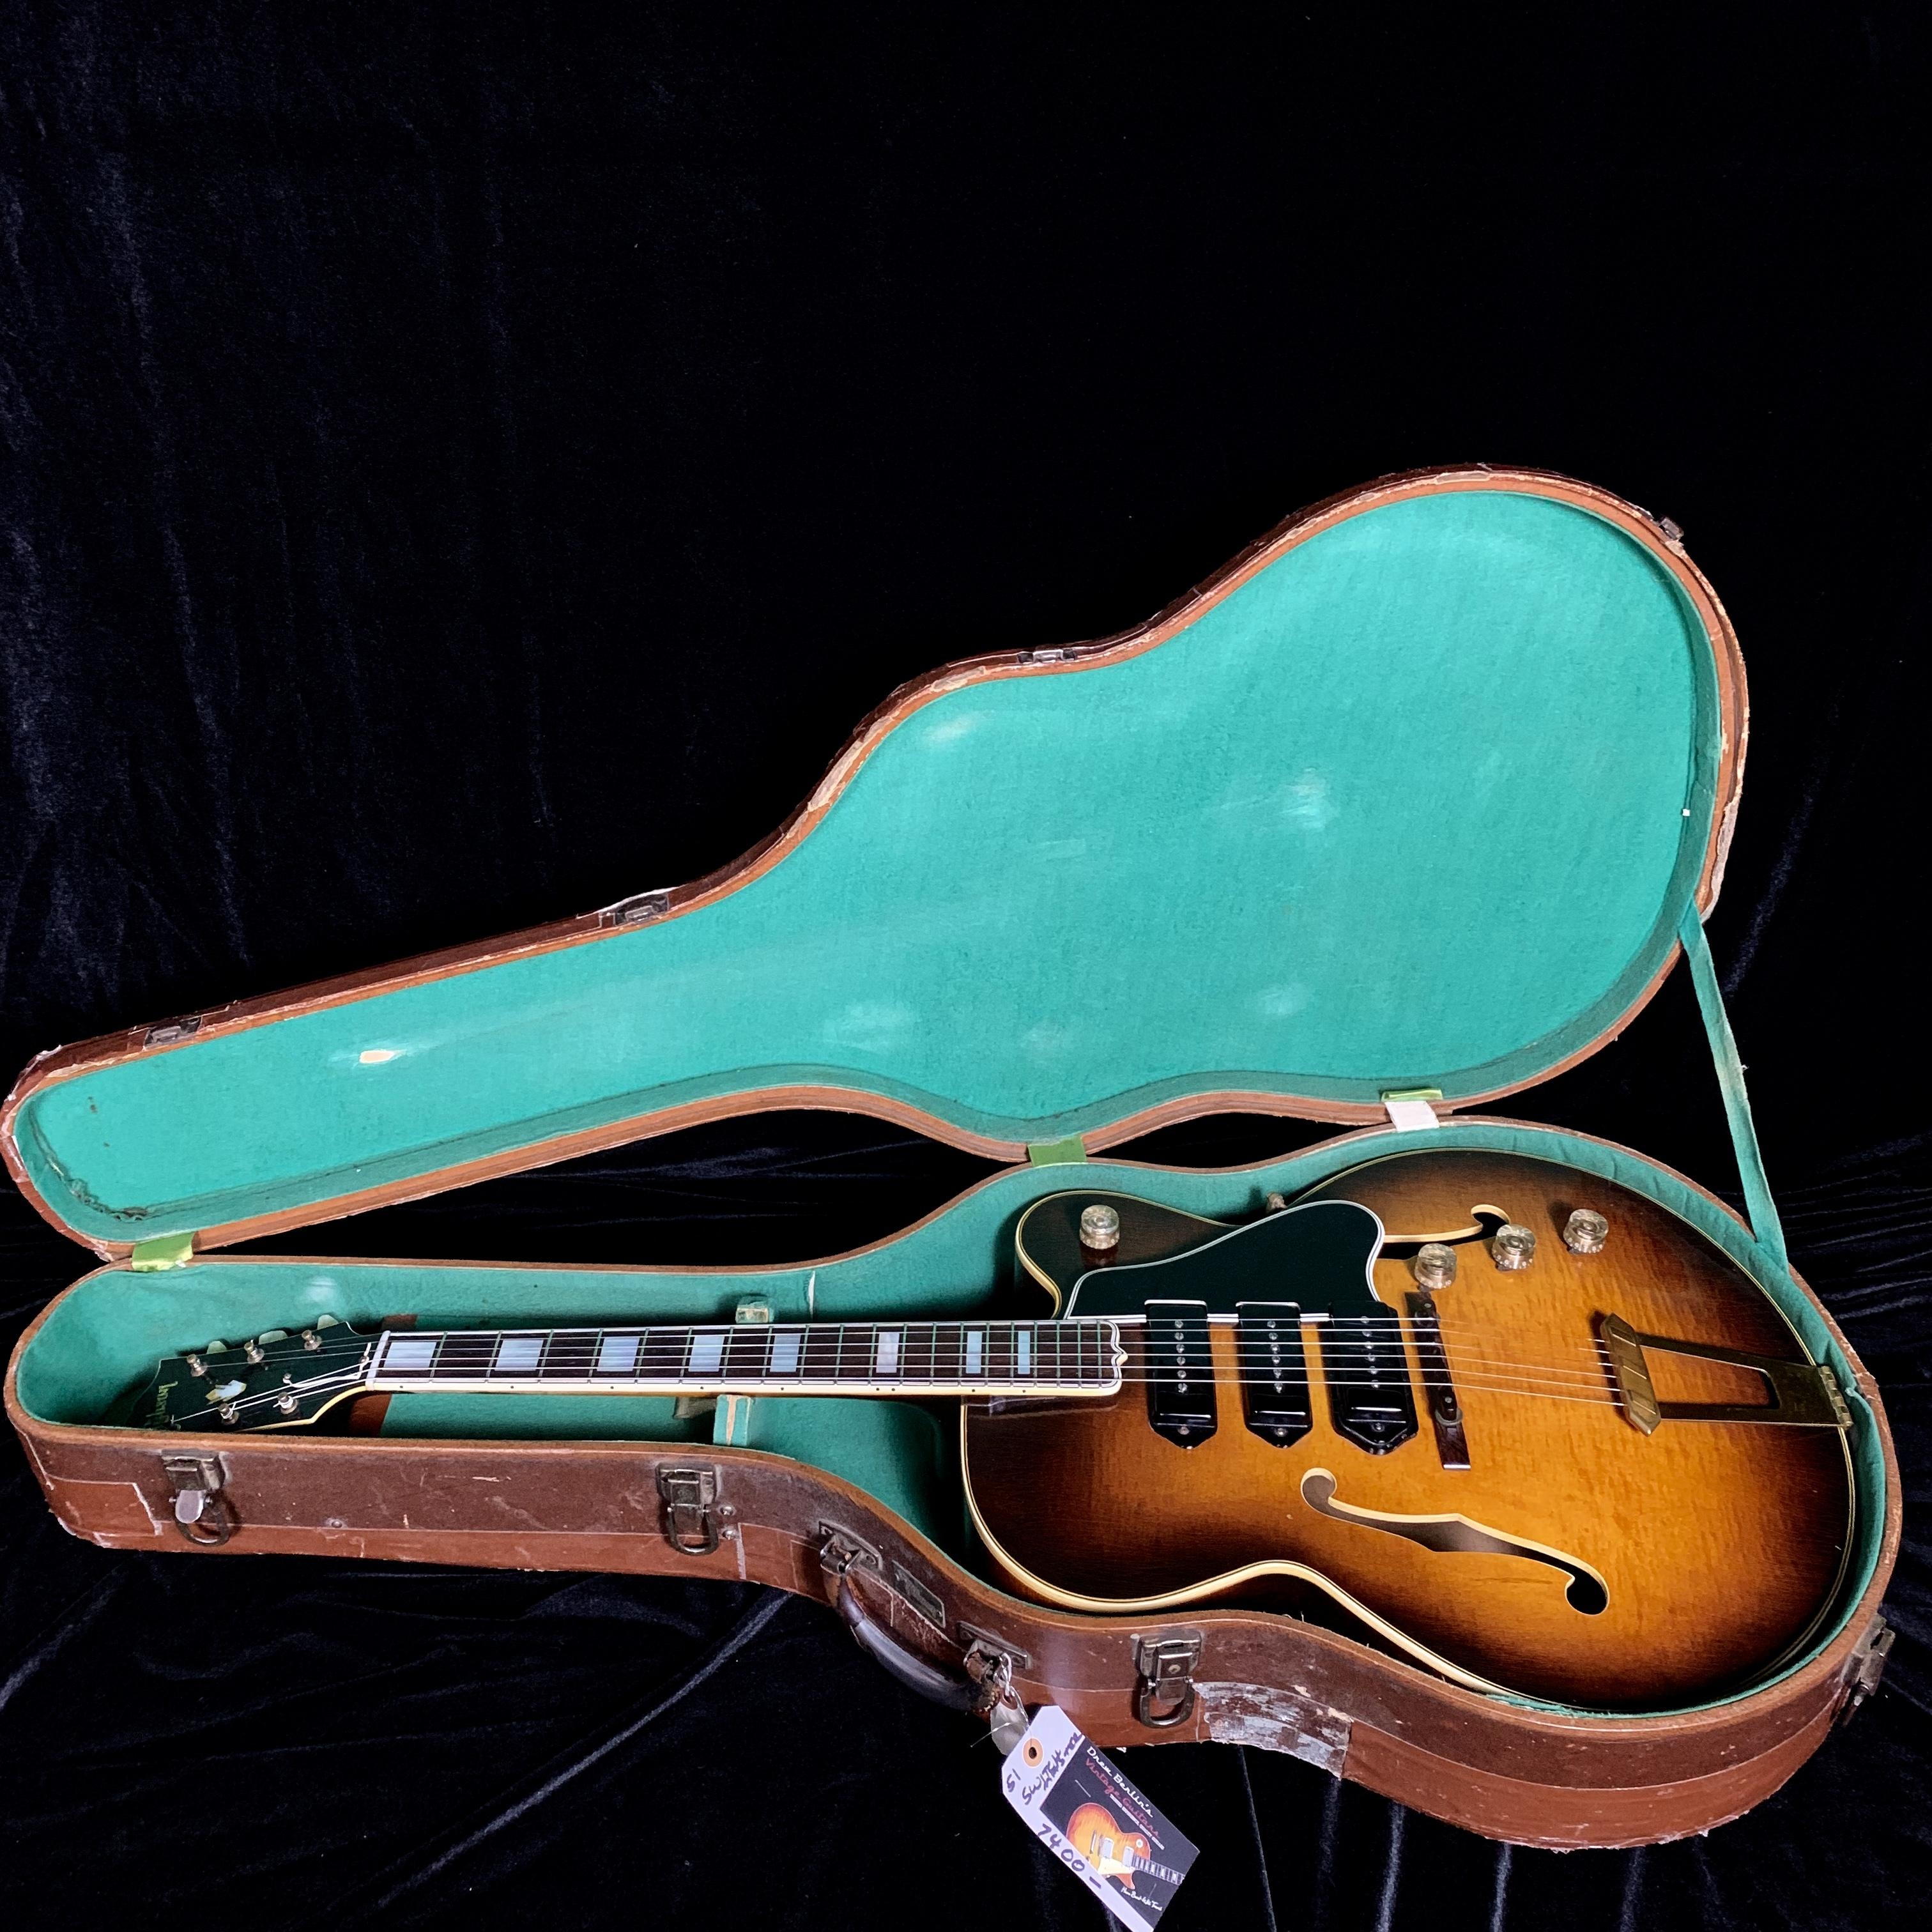 1951 Gibson ES-5 Sunburst SN# 5633-8